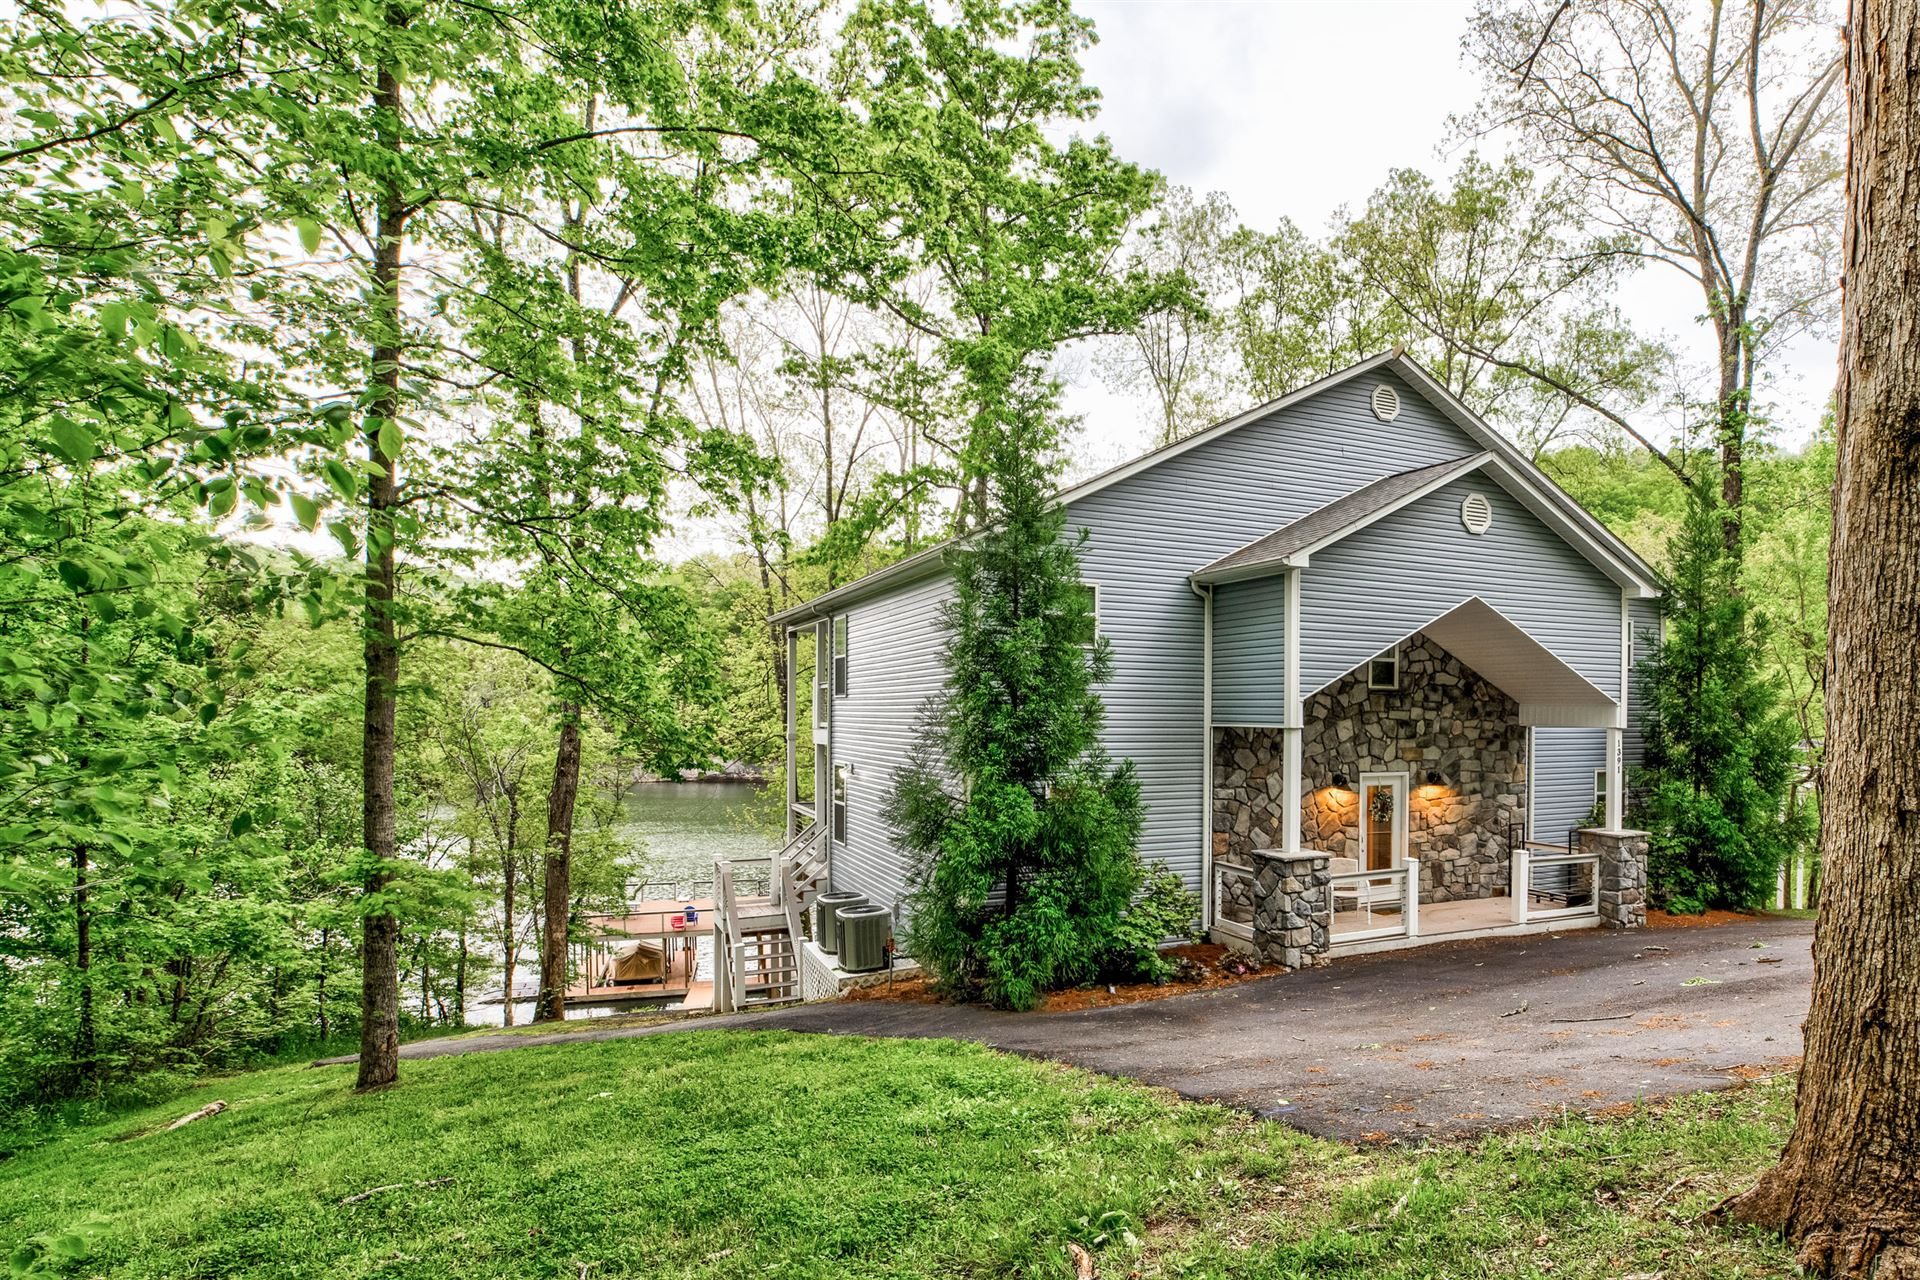 Photo for 1391 Fox Cove Lane, LaFollette, TN 37766 (MLS # 1152458)